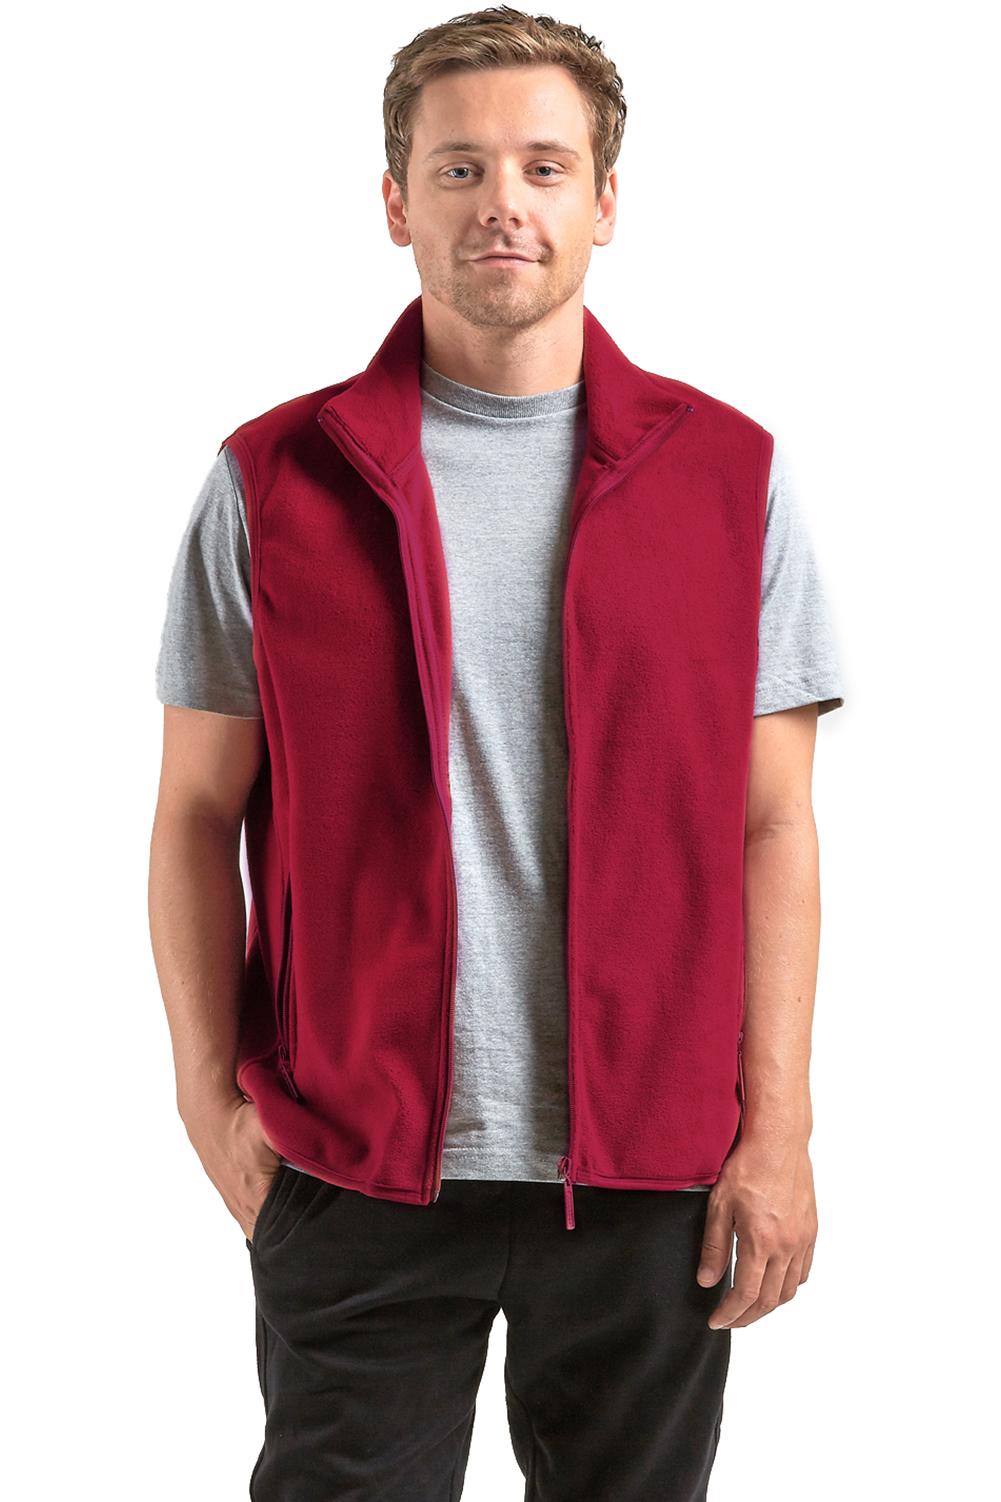 Knocker Men's Polar Fleece Zip Up Vest